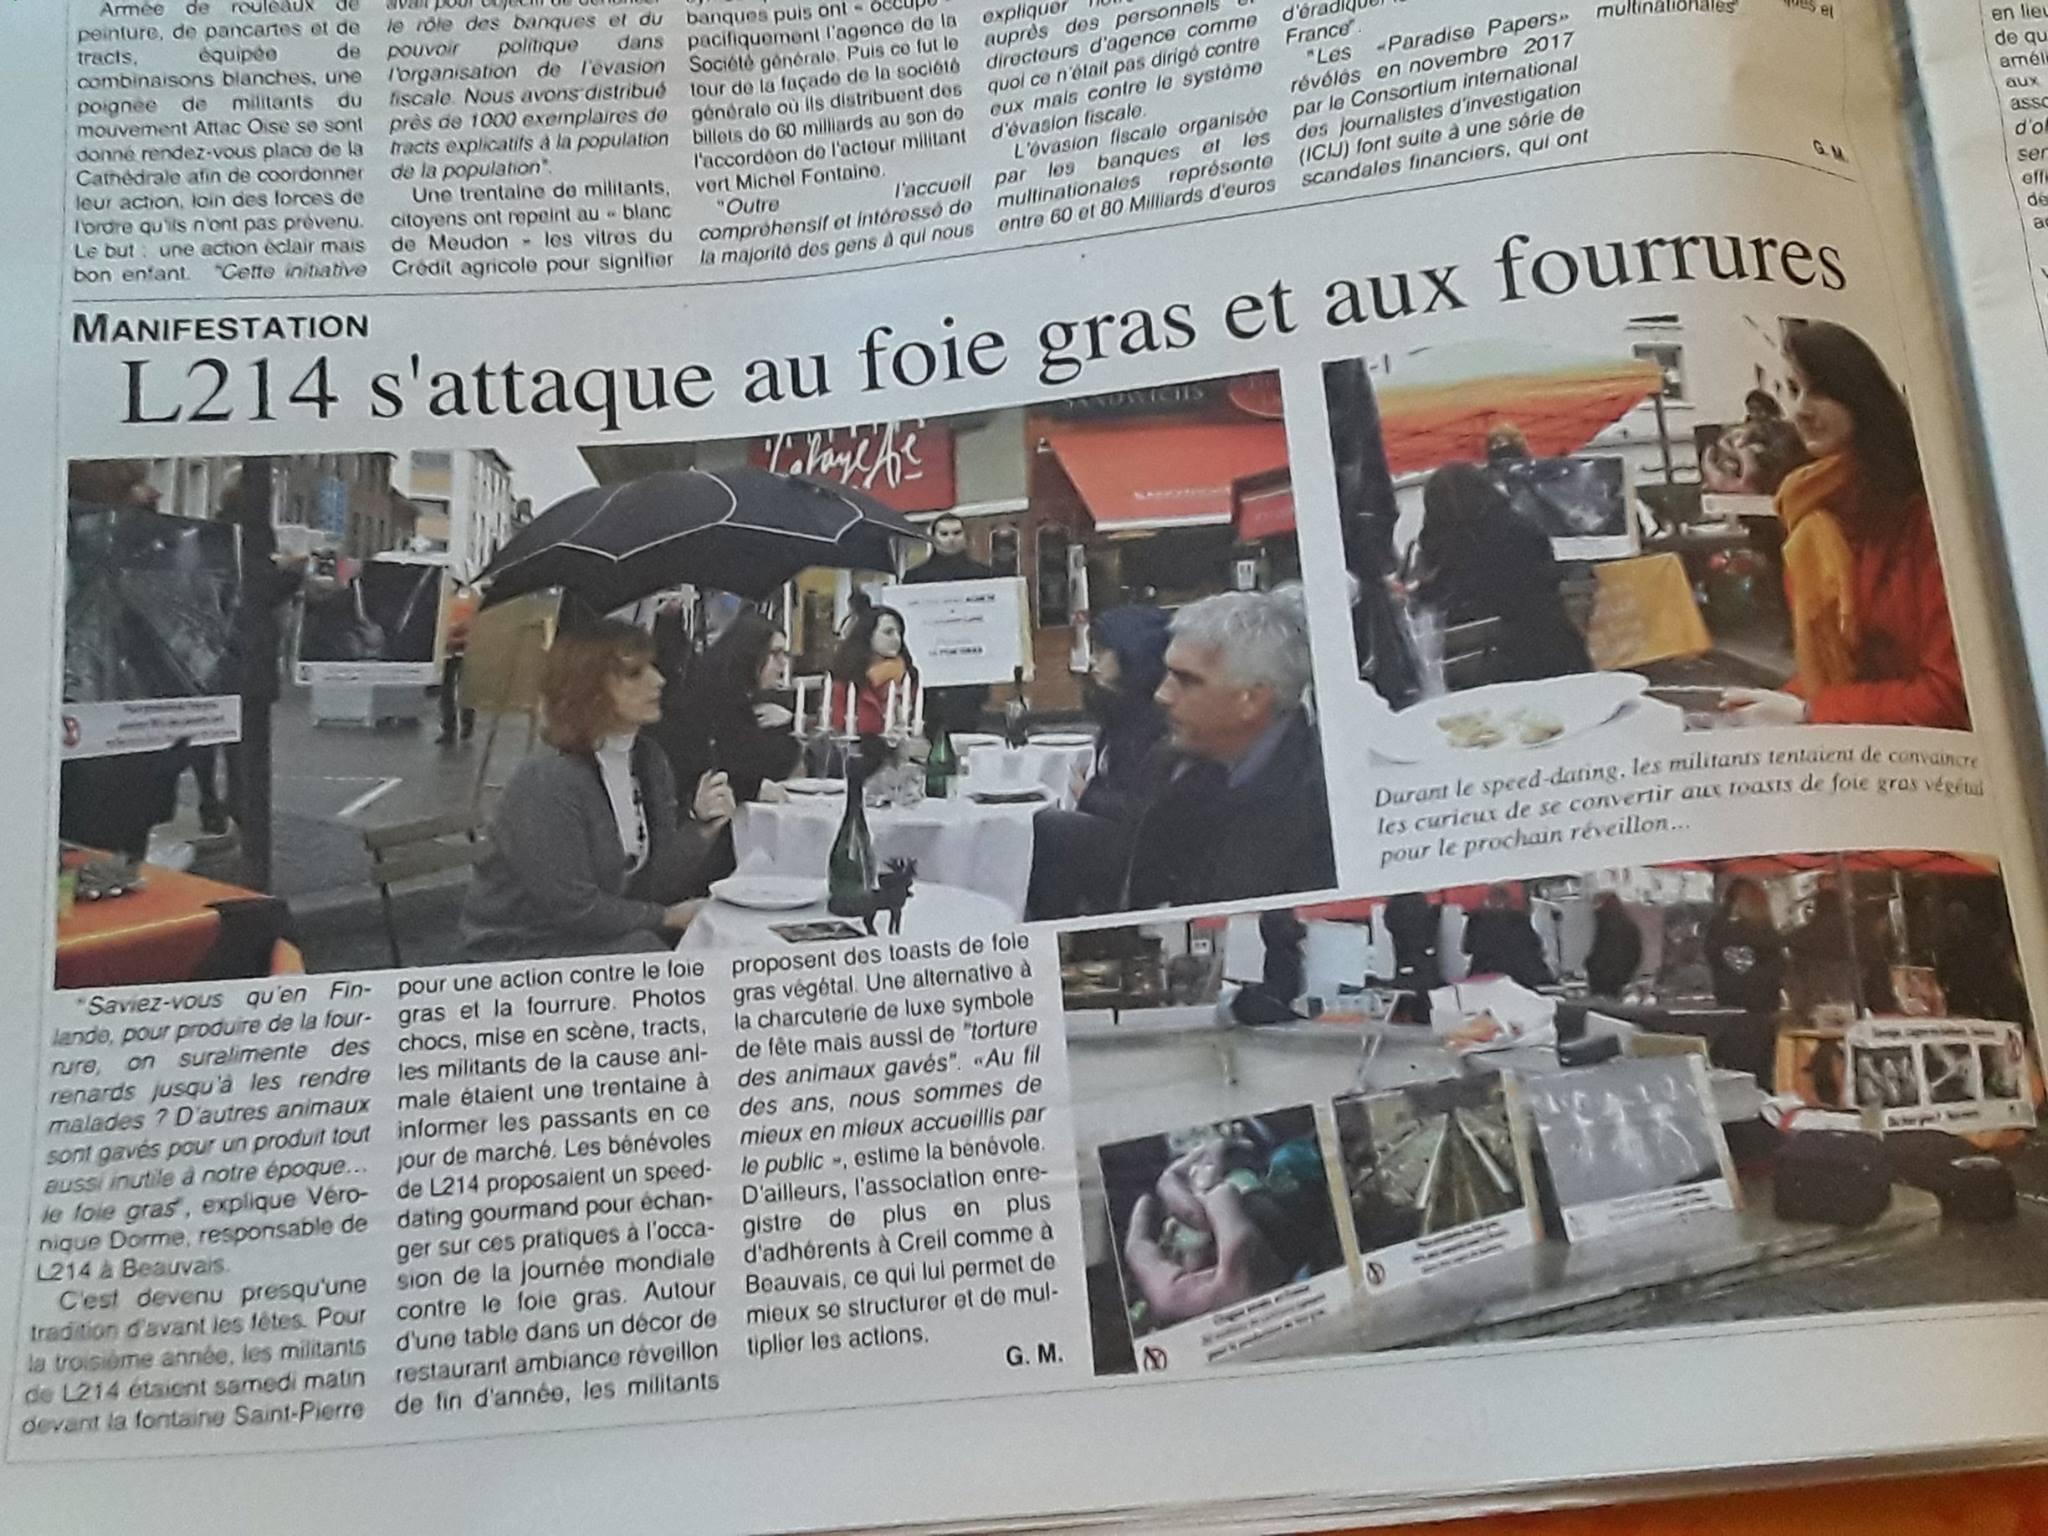 Coupure de presse action foie gras gras et fourrure